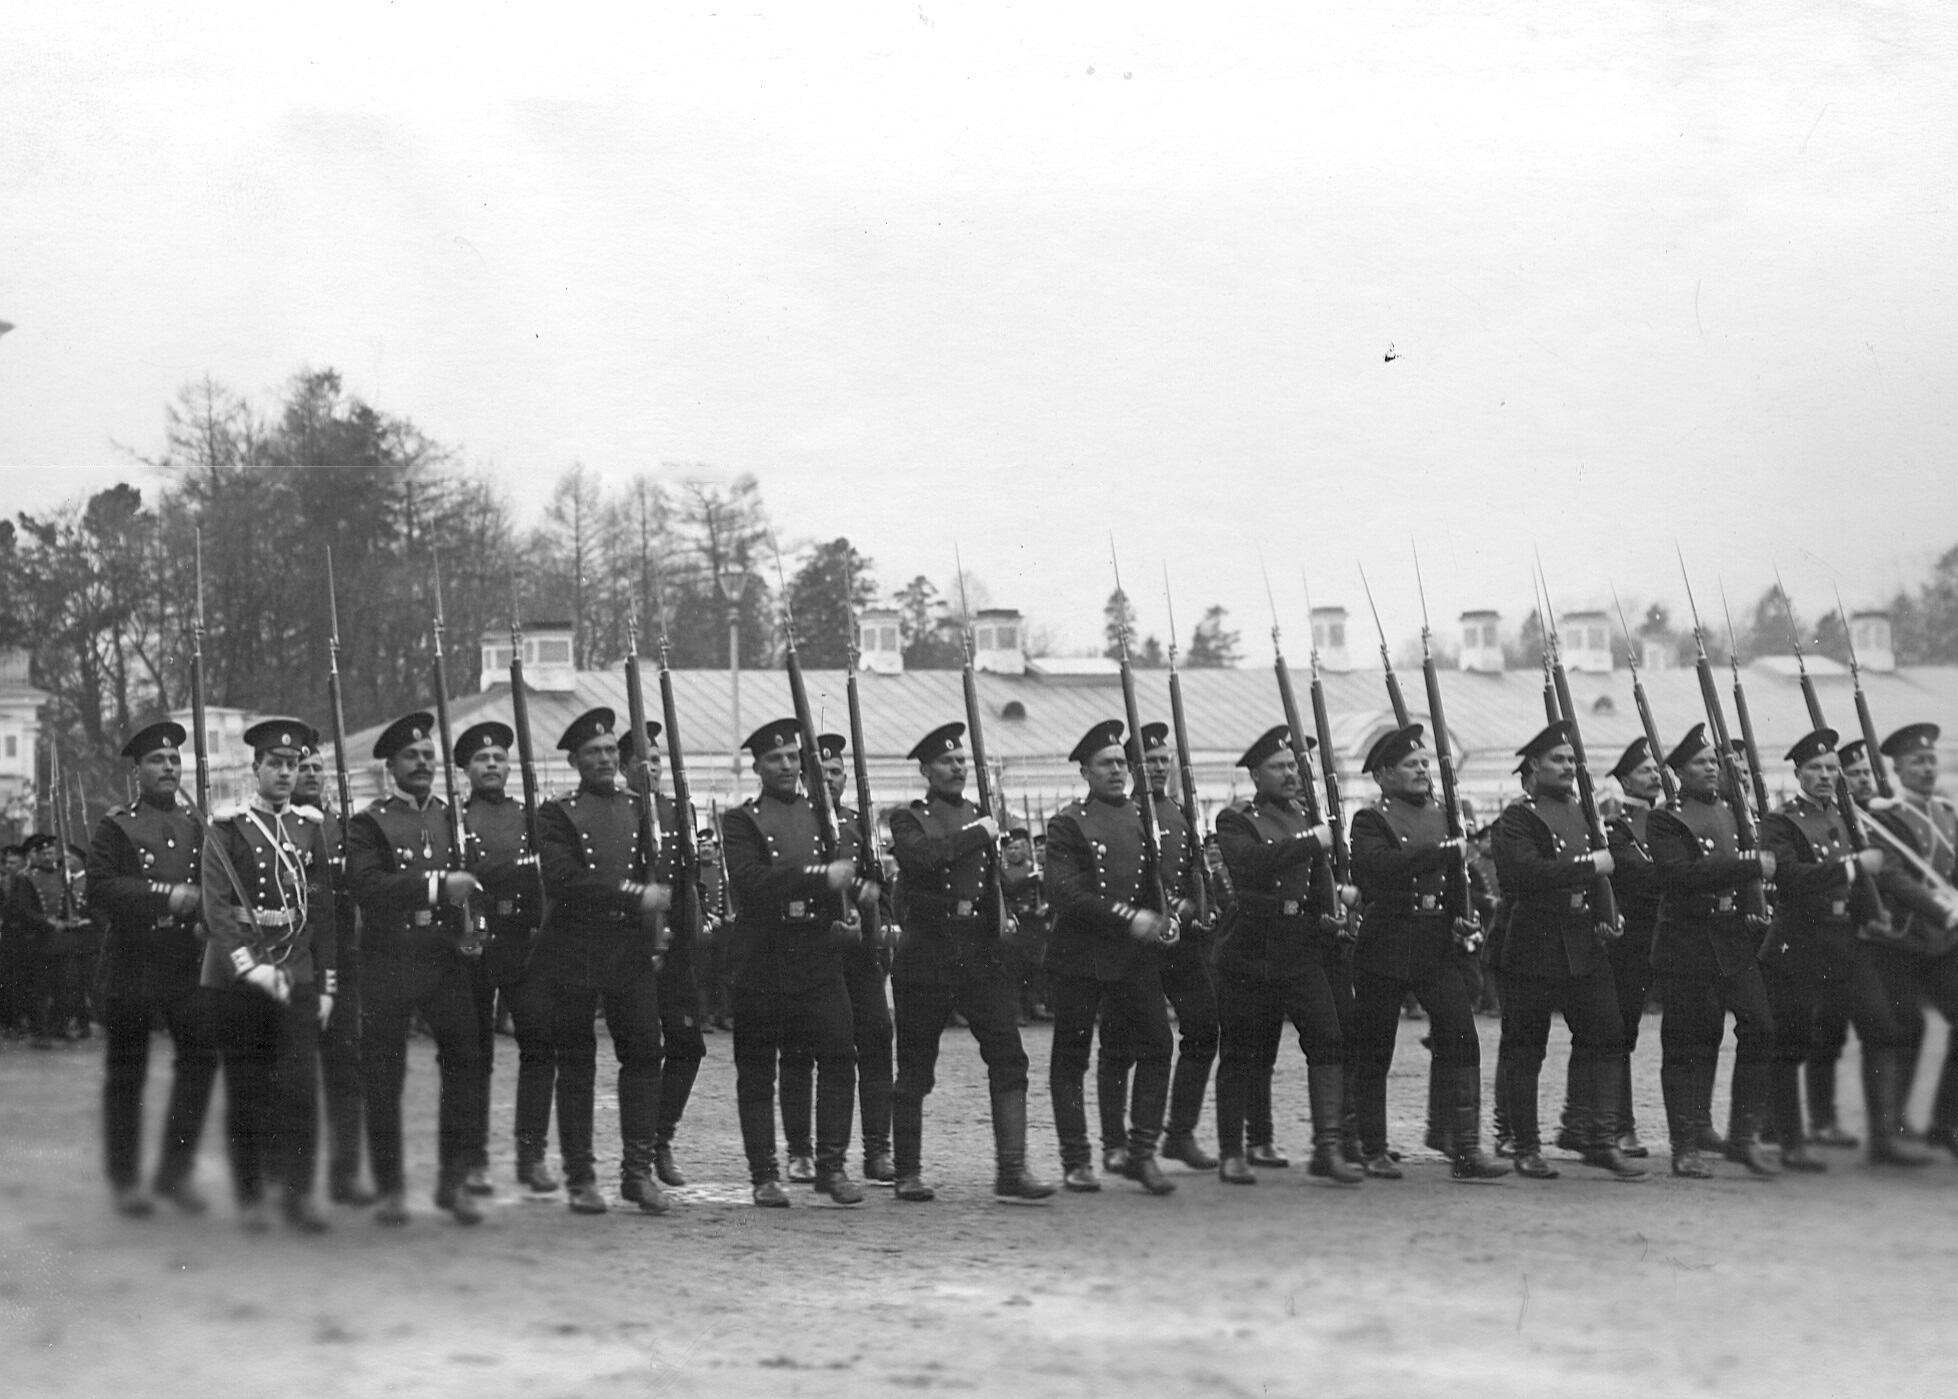 Шеф 2-го Царскосельского стрелкового батальона великий князь Дмитрий Павлович (2-й слева) со строем батальона во время  церемониального марша на плацу перед Большим Екатерининским дворцом